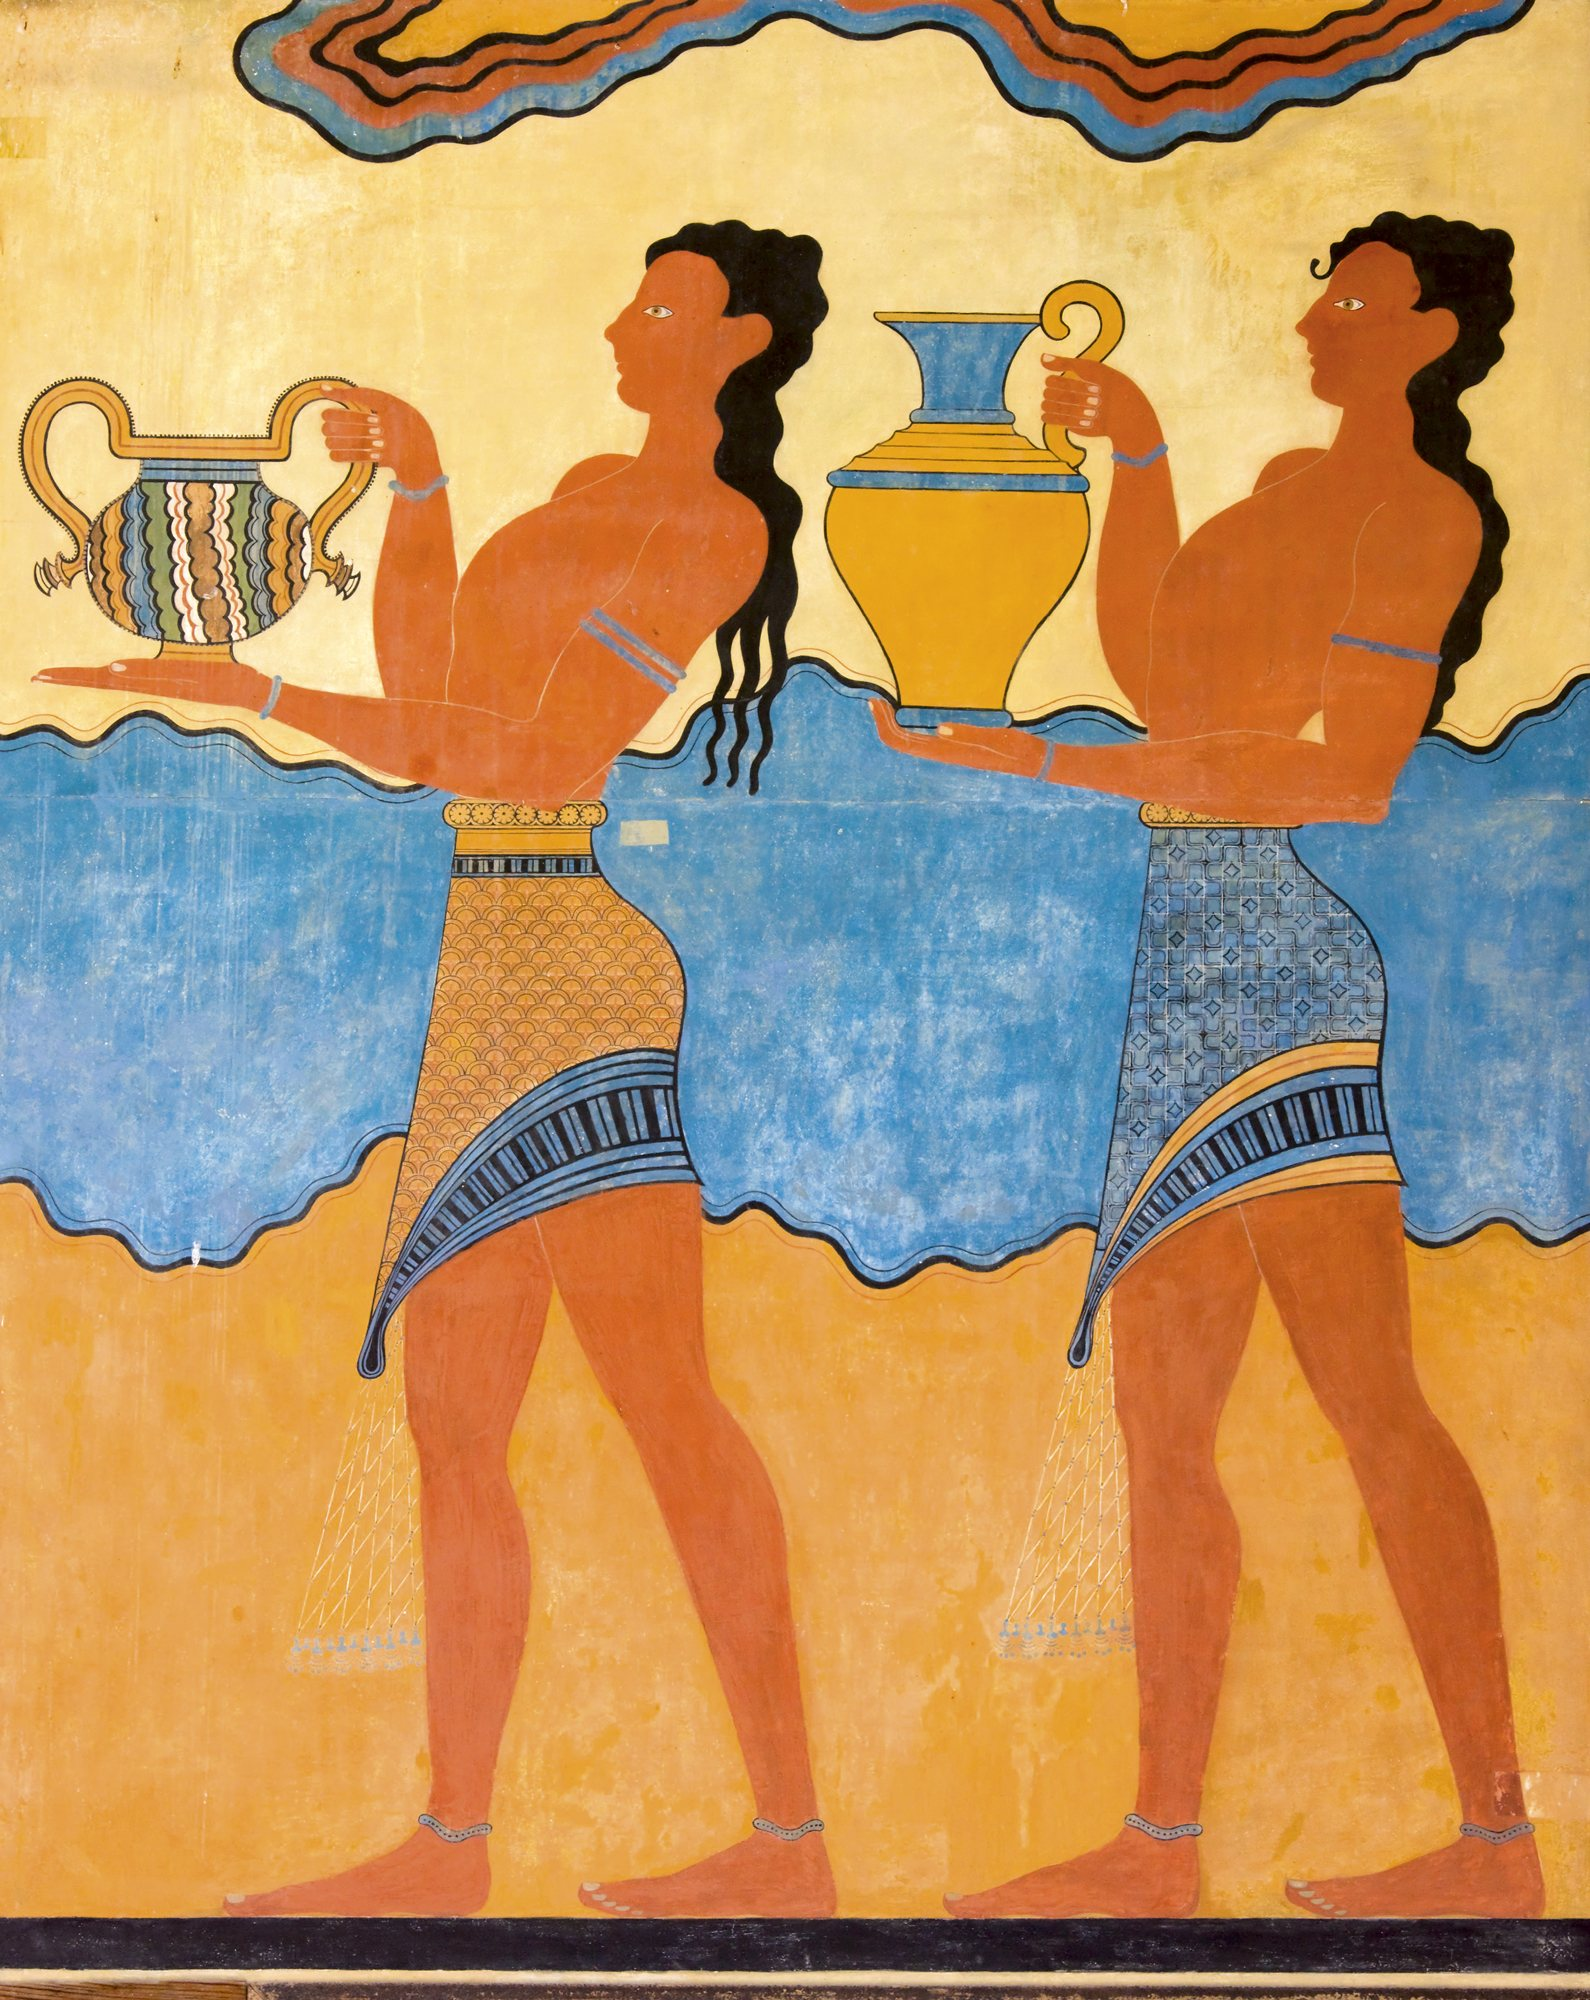 Adolescentes frescos con cuerpos apretados